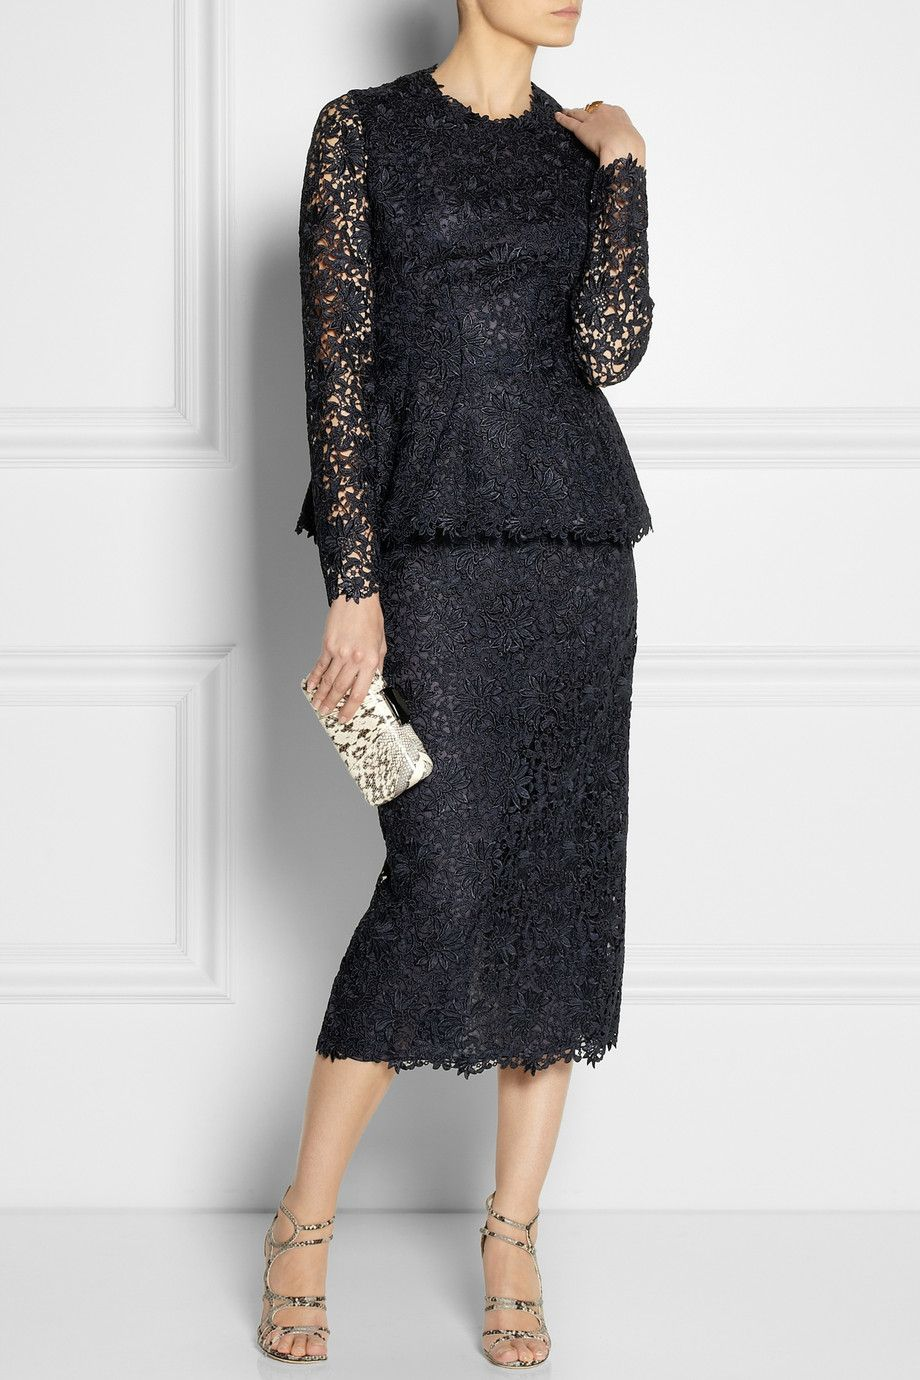 Stella mccartney dixie macramé lace twopiece dress fashion